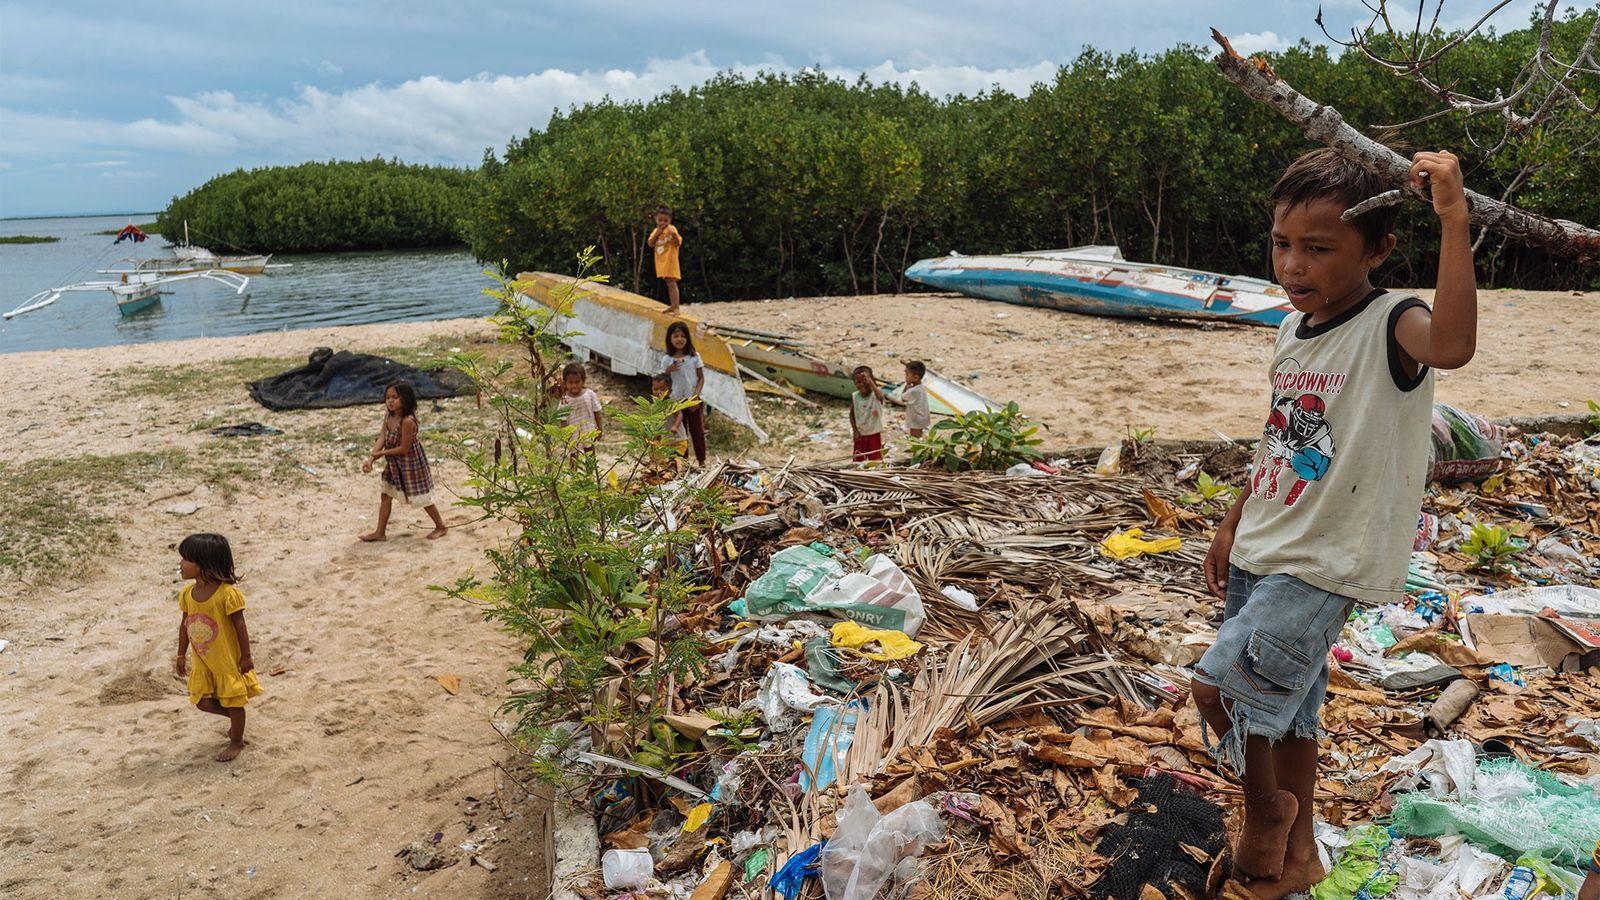 Unos niños juegan junto a un vertedero en Bohol, Filipinas. Con la marea alta y las ...